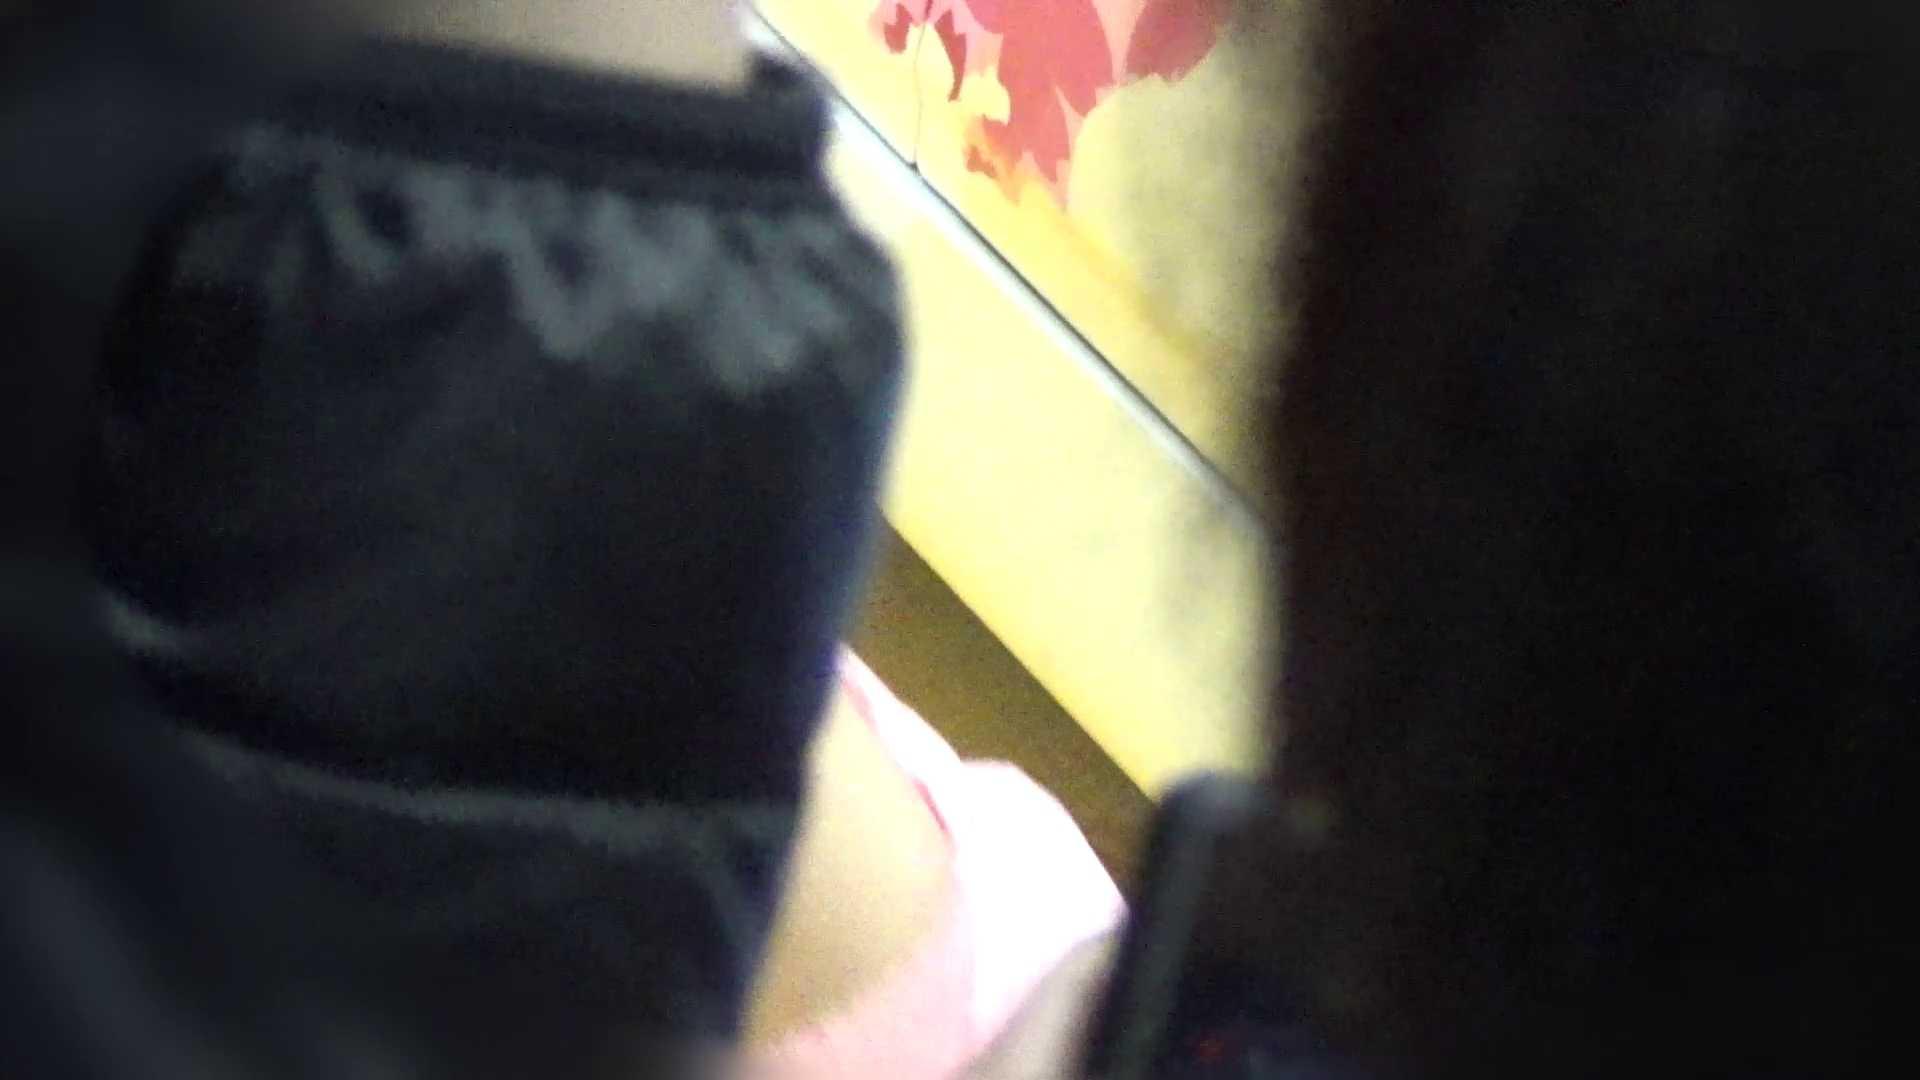 レース場での秘め事 番外編Vol.02 レースクイーン 盗撮オメコ無修正動画無料 103連発 95